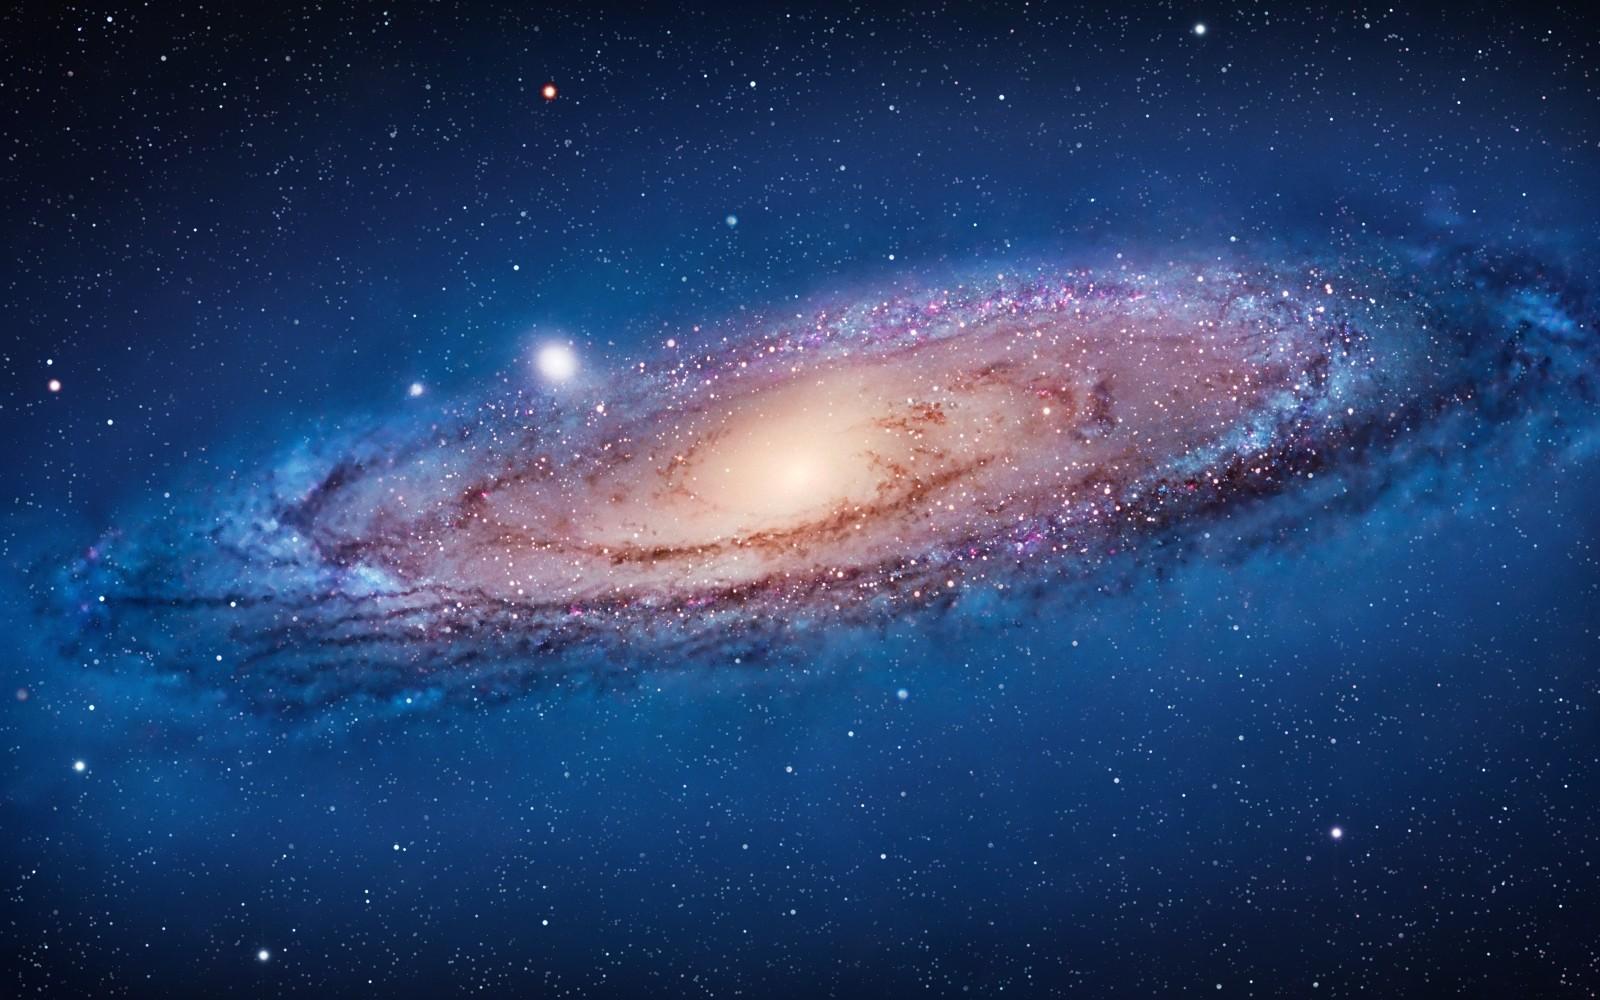 背景 壁纸 皮肤 星空 宇宙 桌面 1600_1000图片